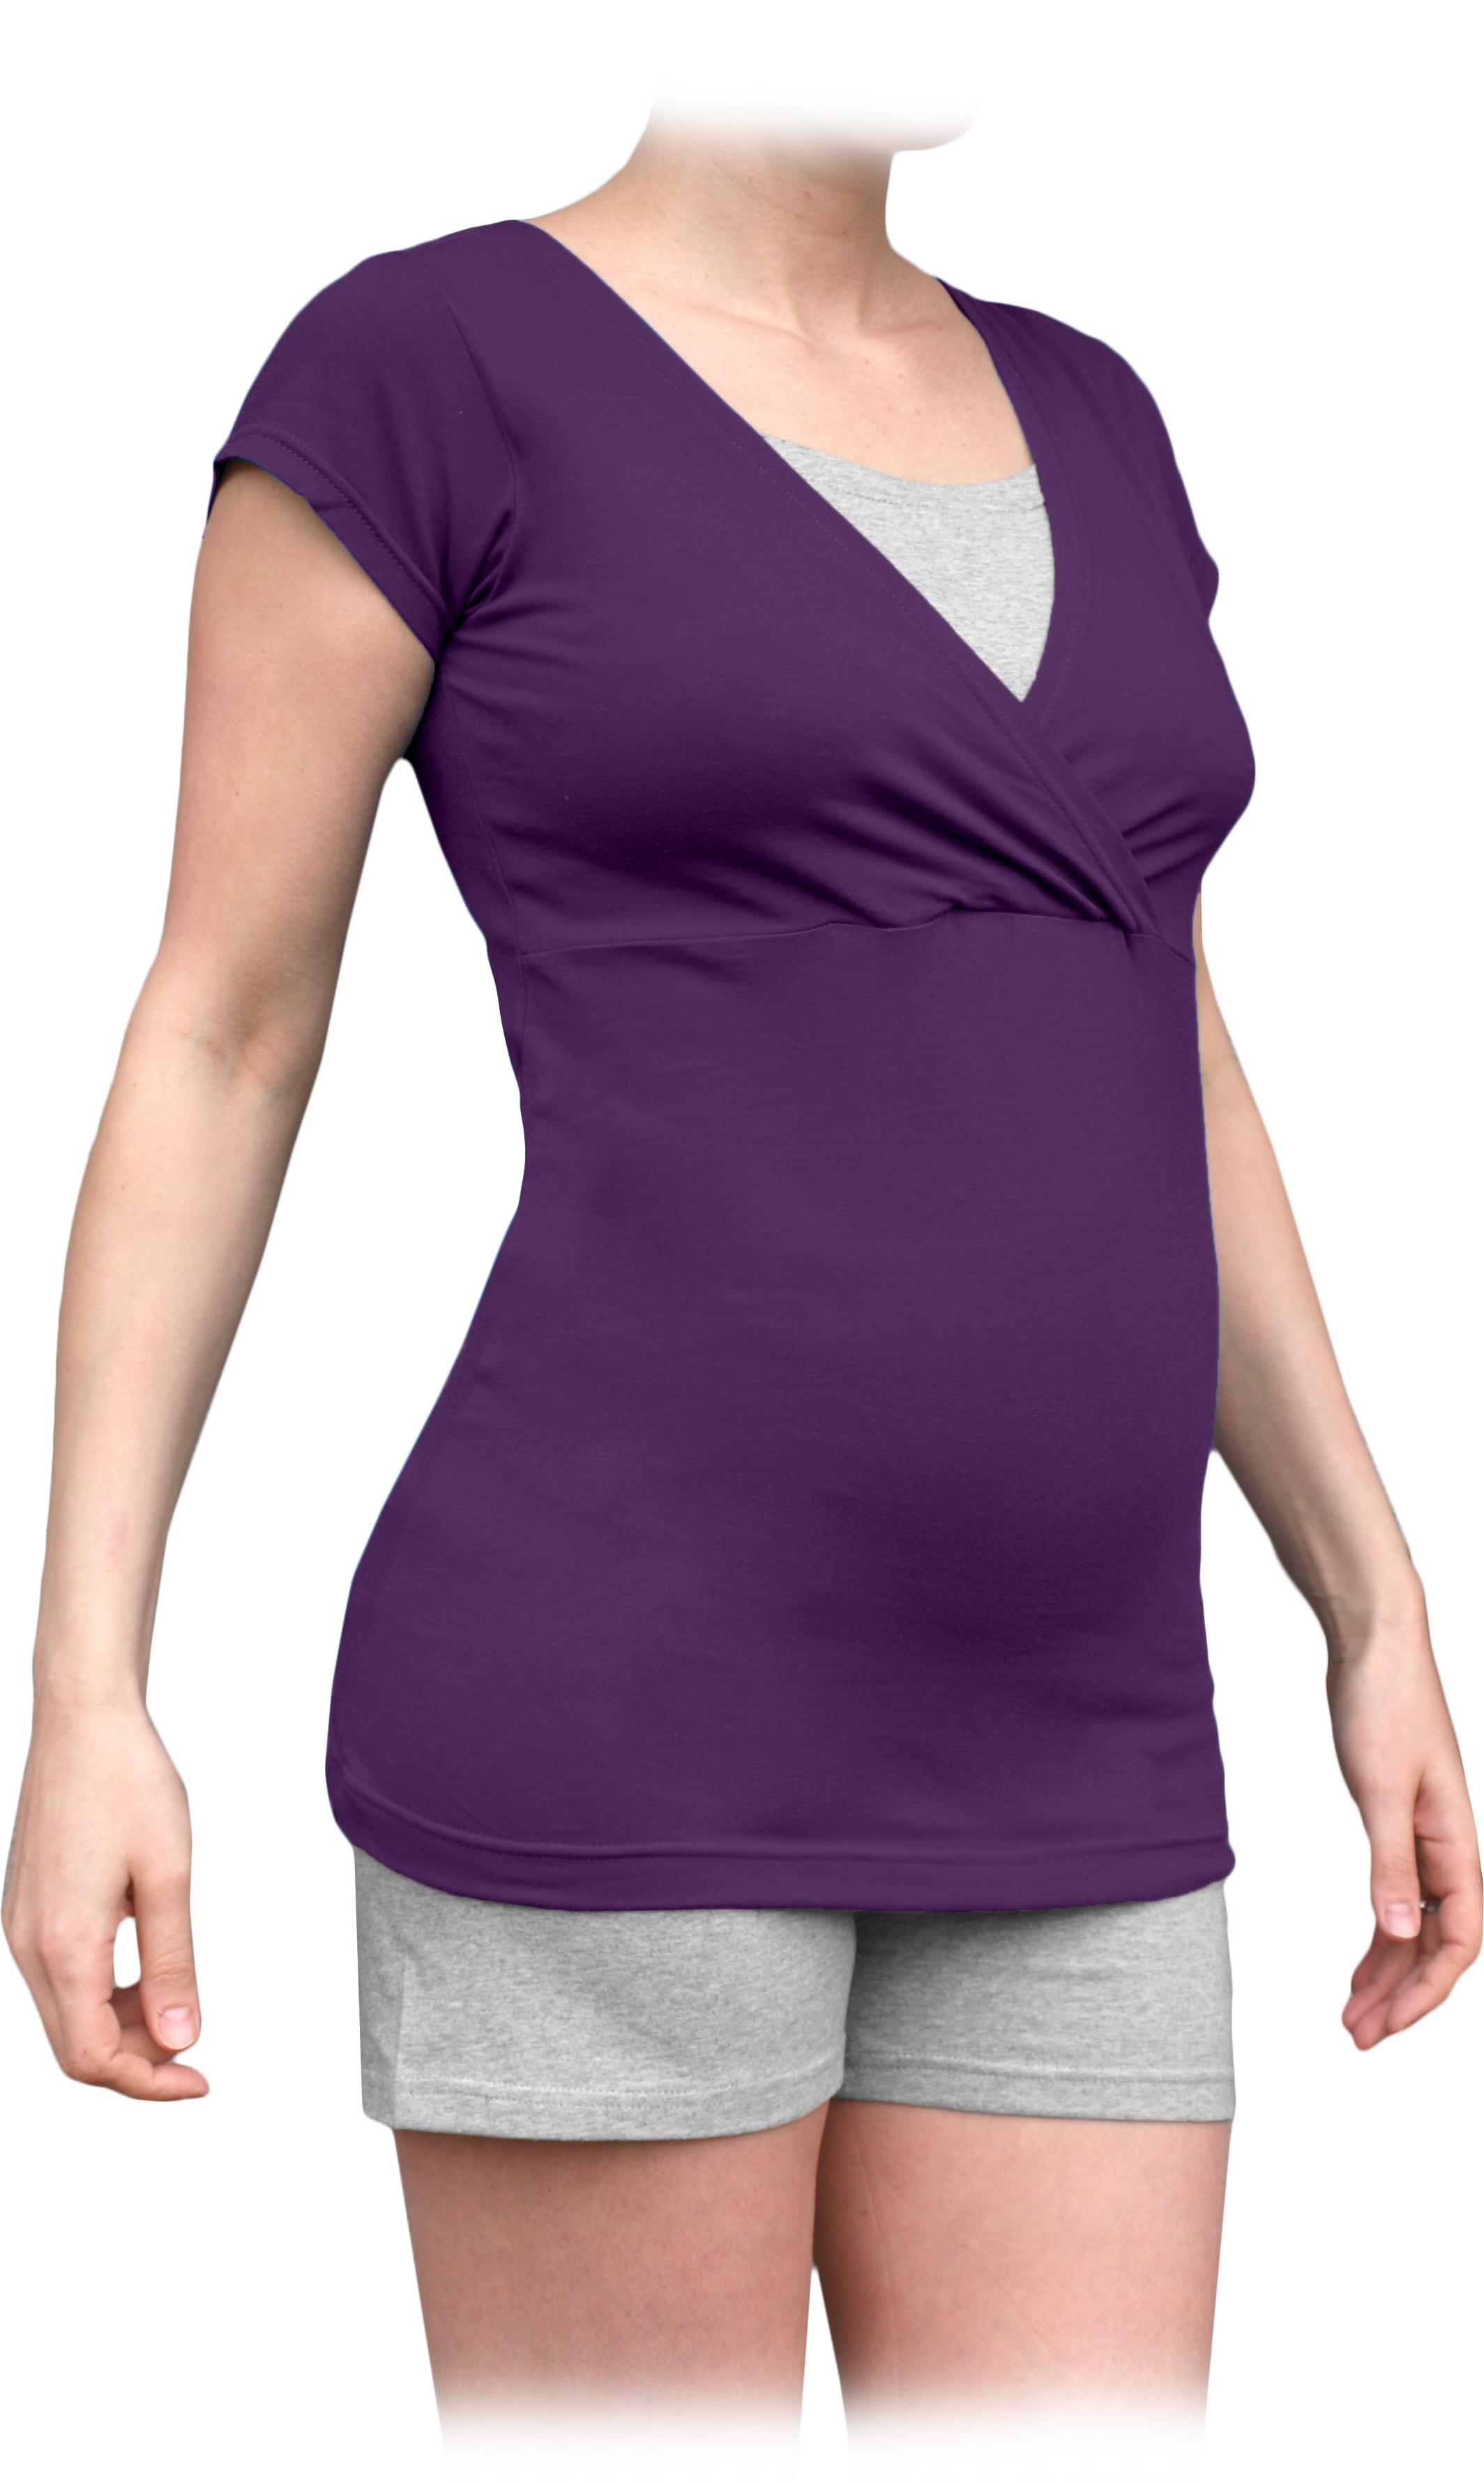 Těhotenské a kojicí pyžamo, krátké, švestkově fialové+šedý melír m/l